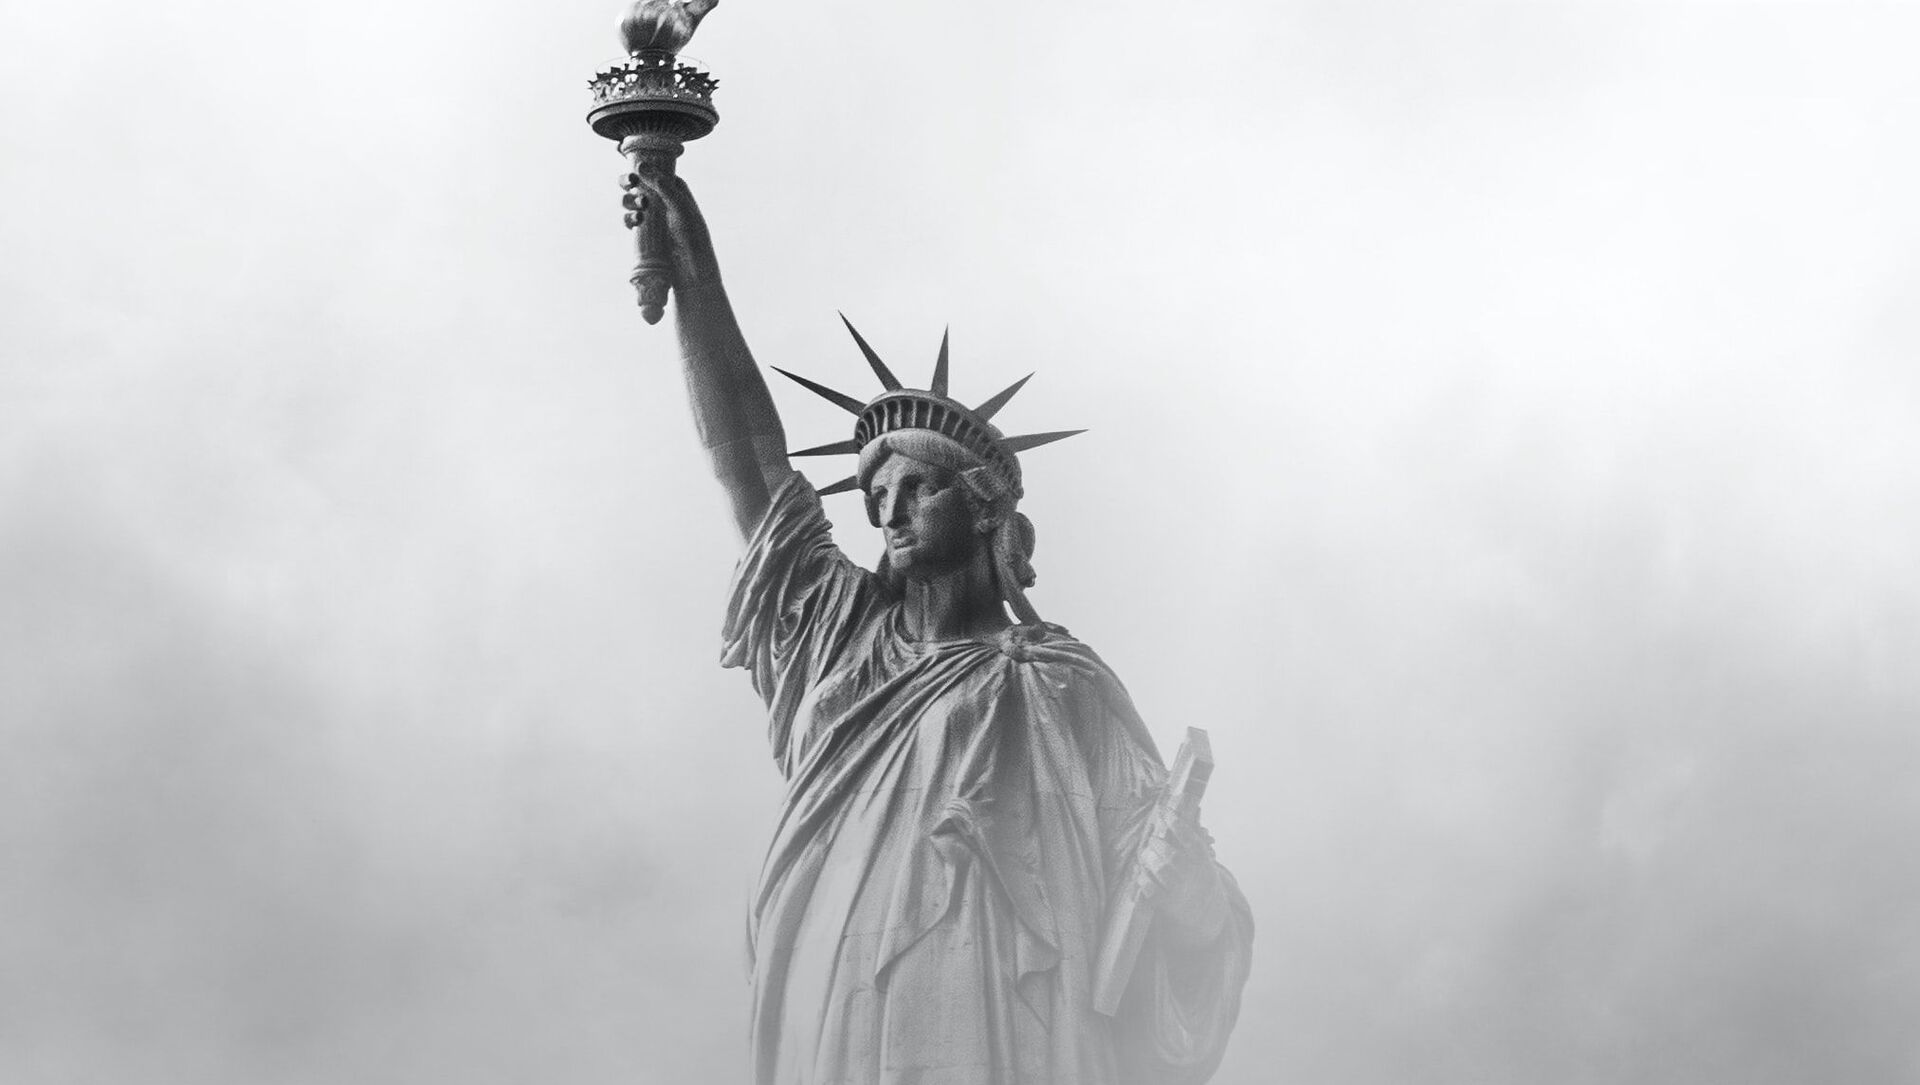 Estatua de la Libertad en nueva York  - Sputnik Mundo, 1920, 25.07.2020